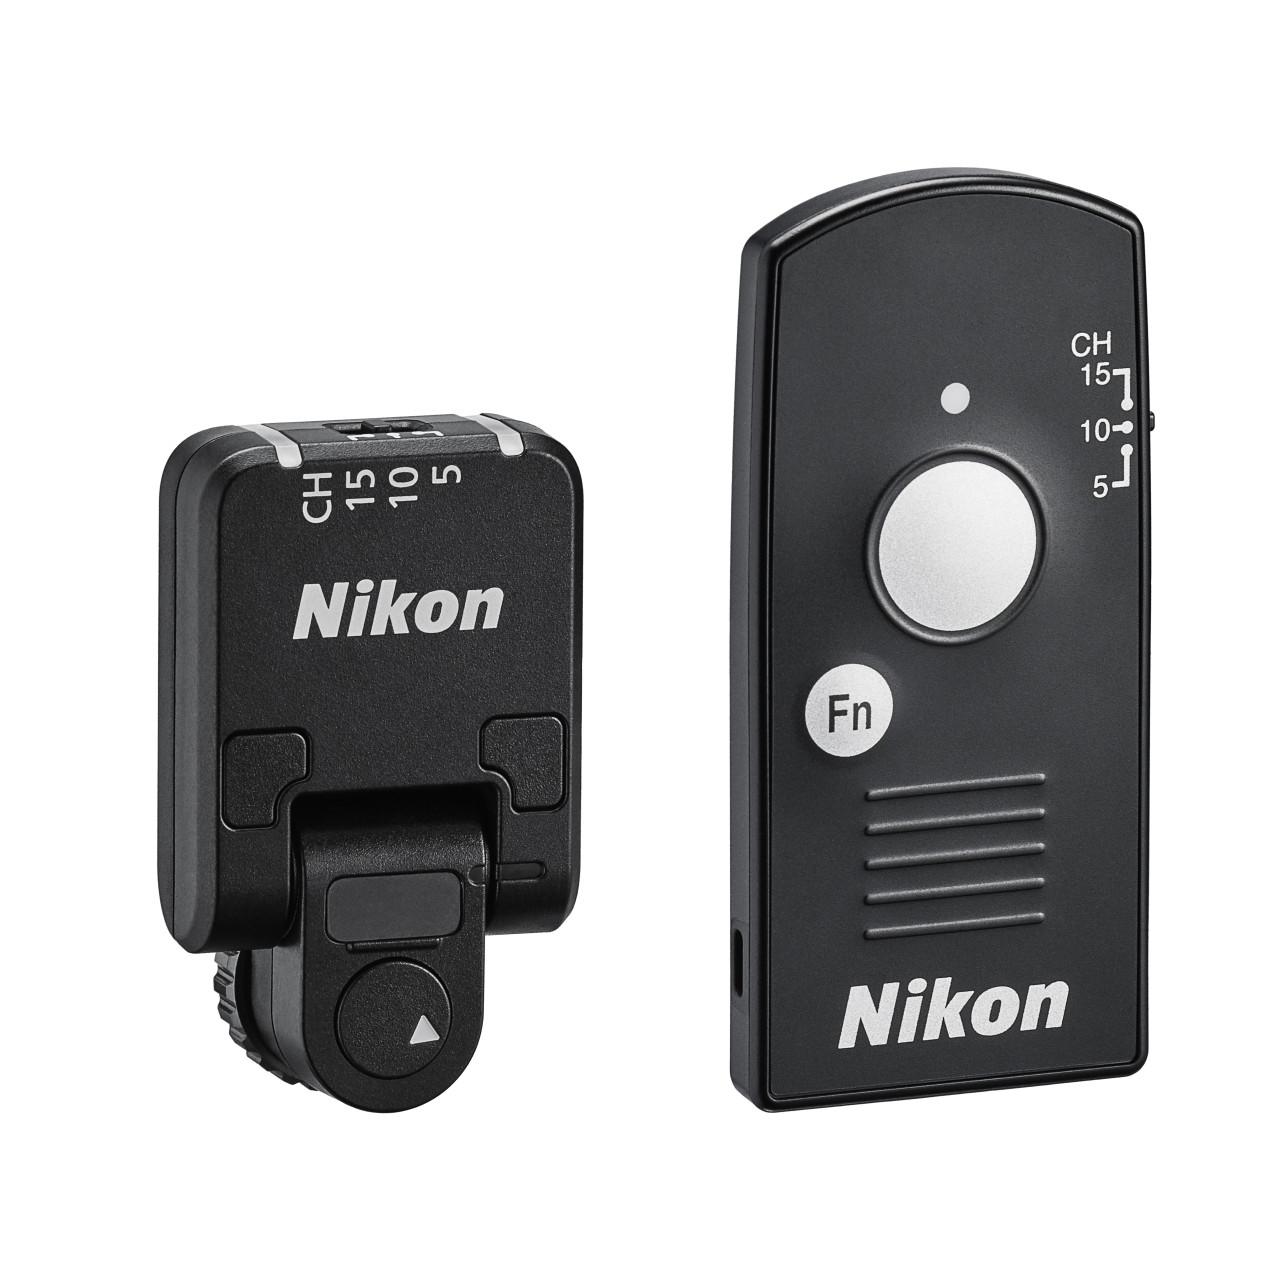 NIKON WR-R11A/WR-T10 REMOTE CONTROL SET